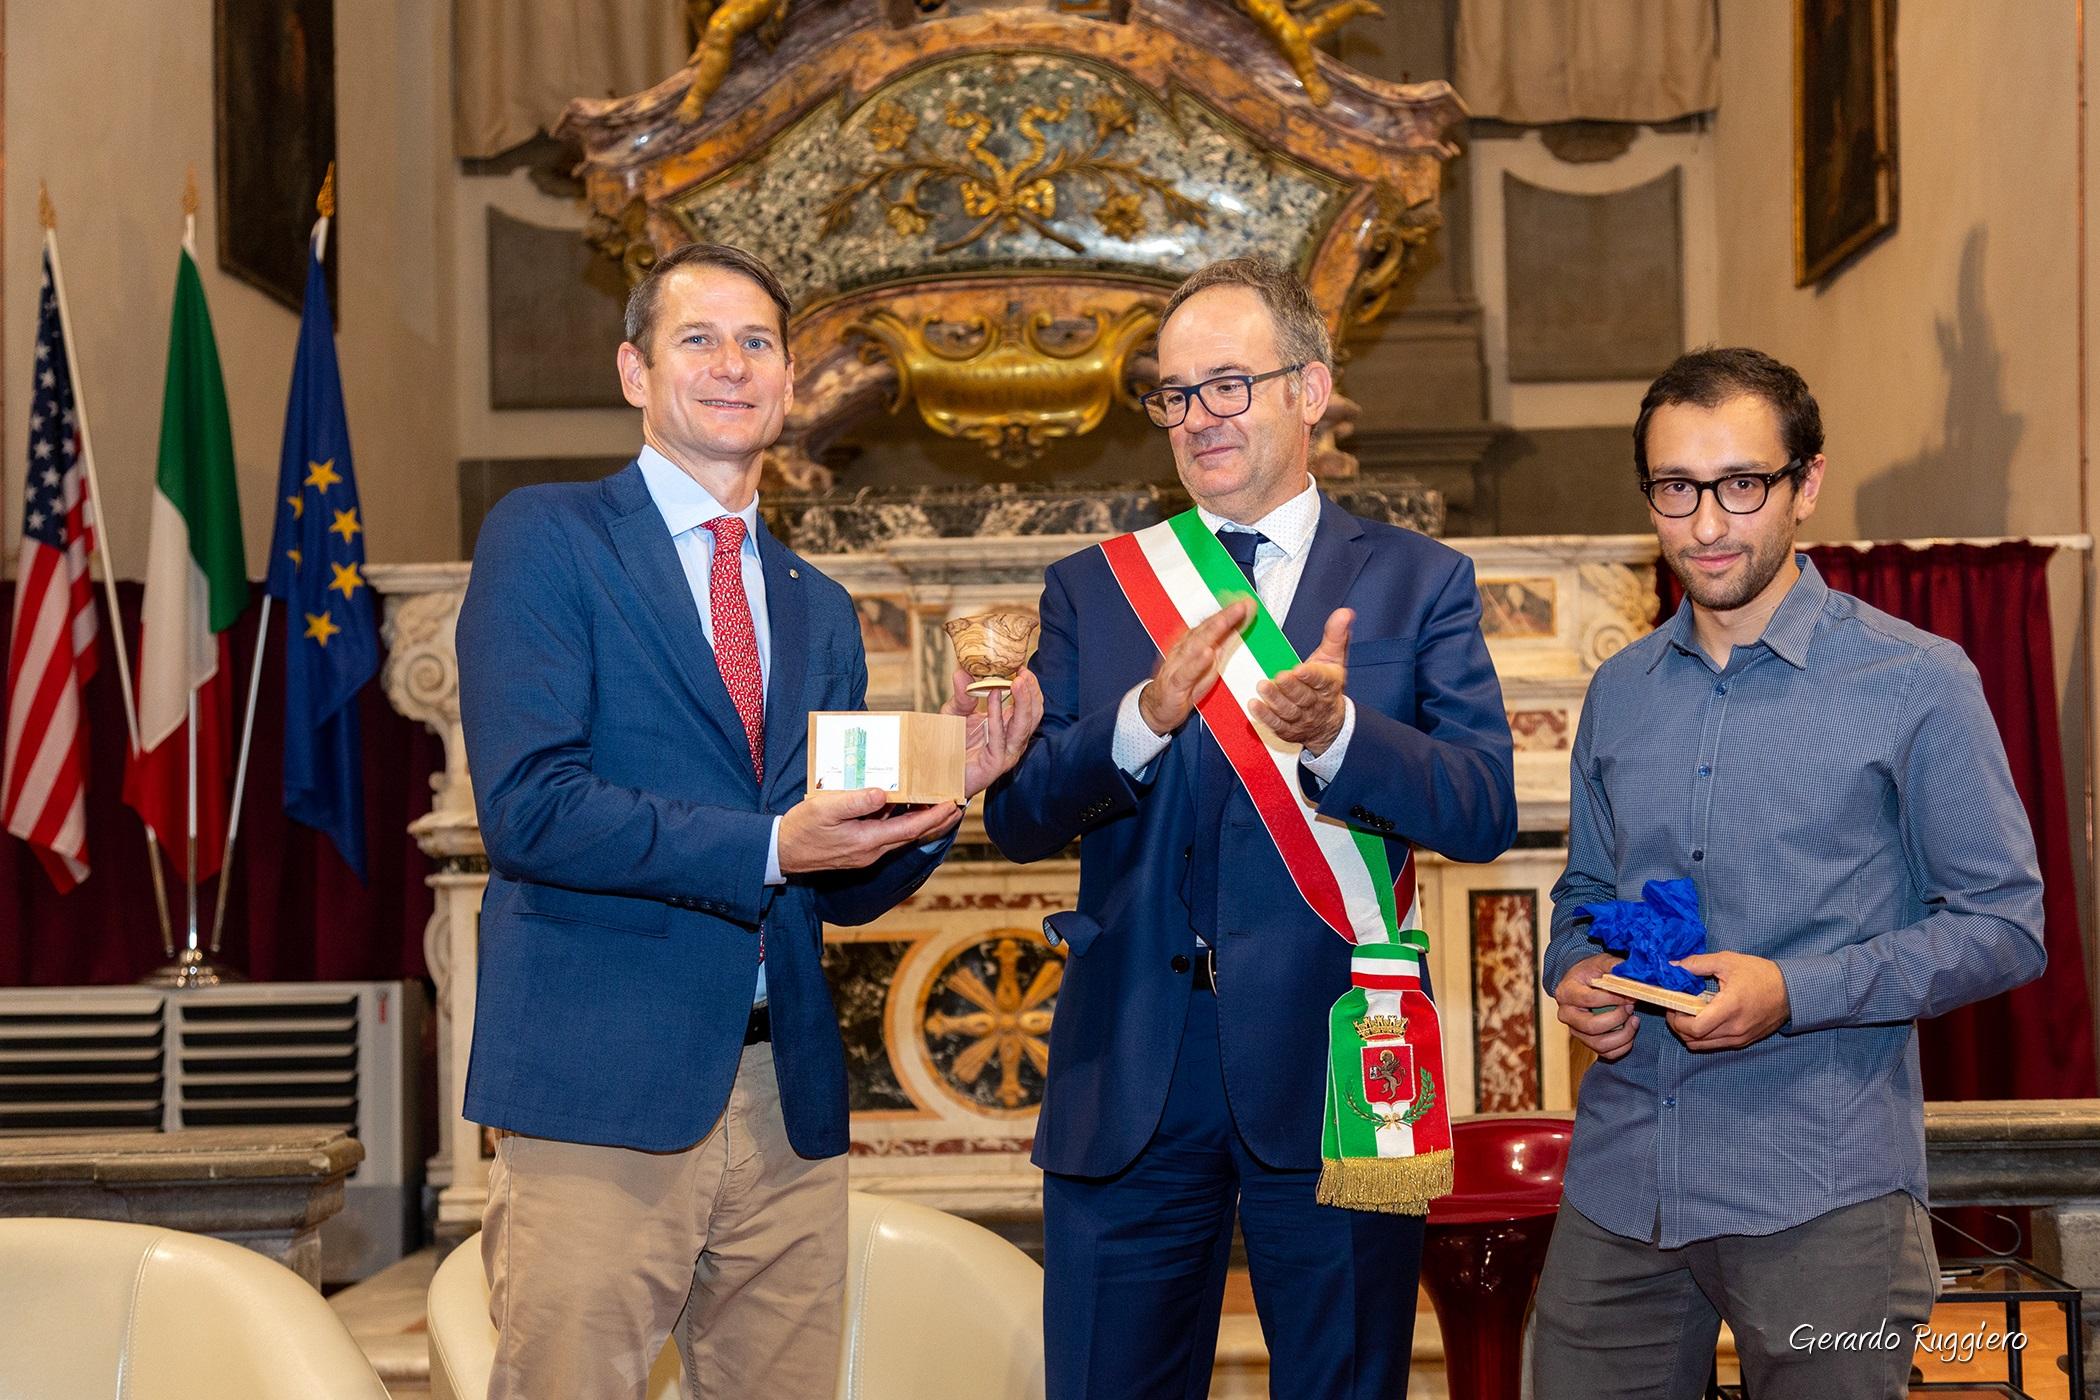 Consegnato all'Università della Georgia il Premio CortonAntiquaria